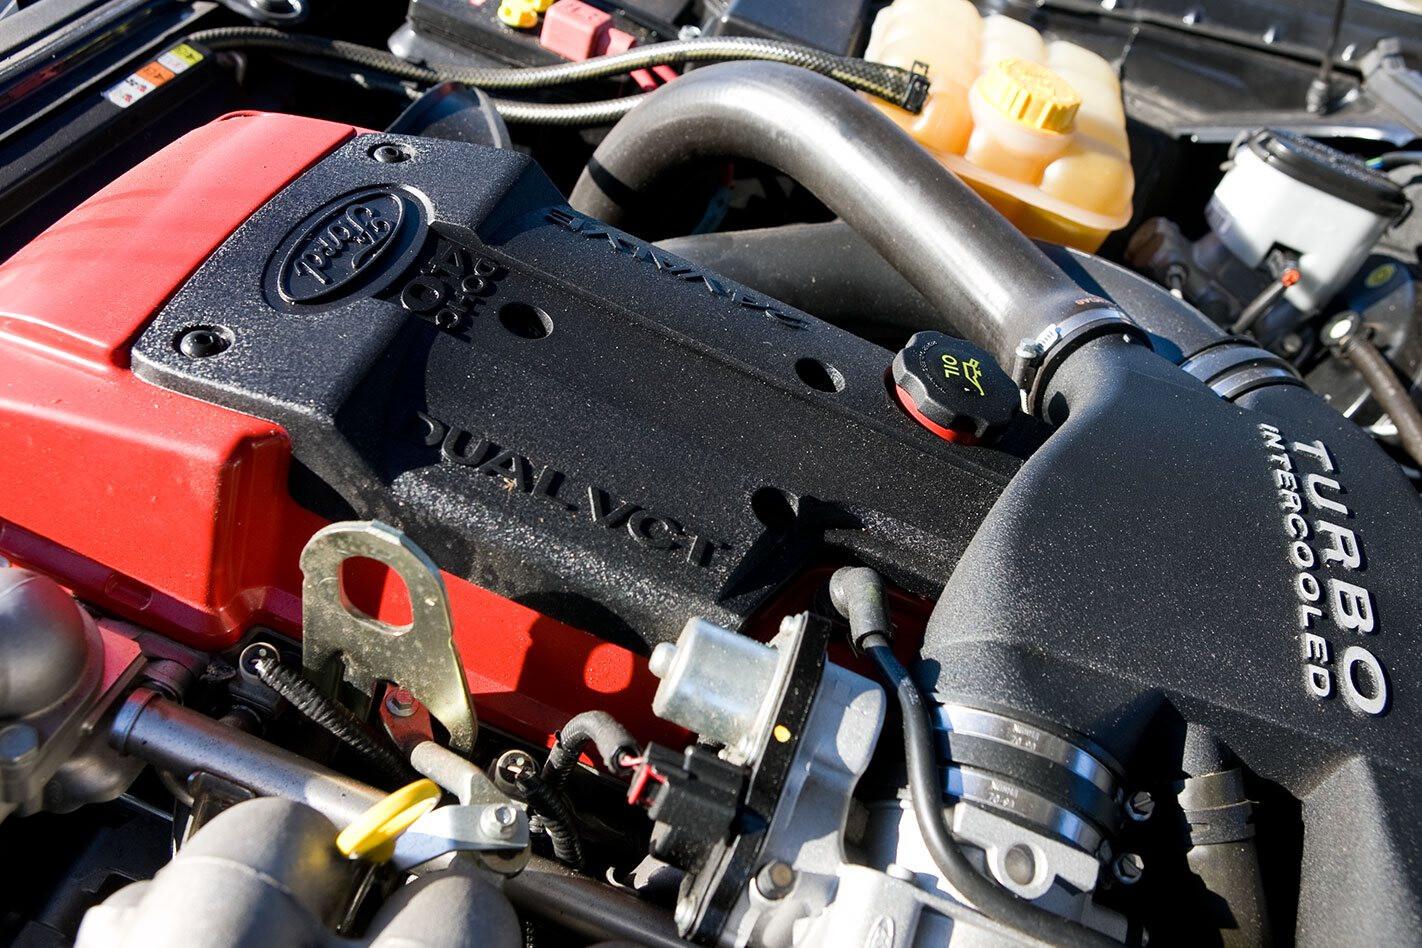 Ford Falcon XR6 Turbo engine